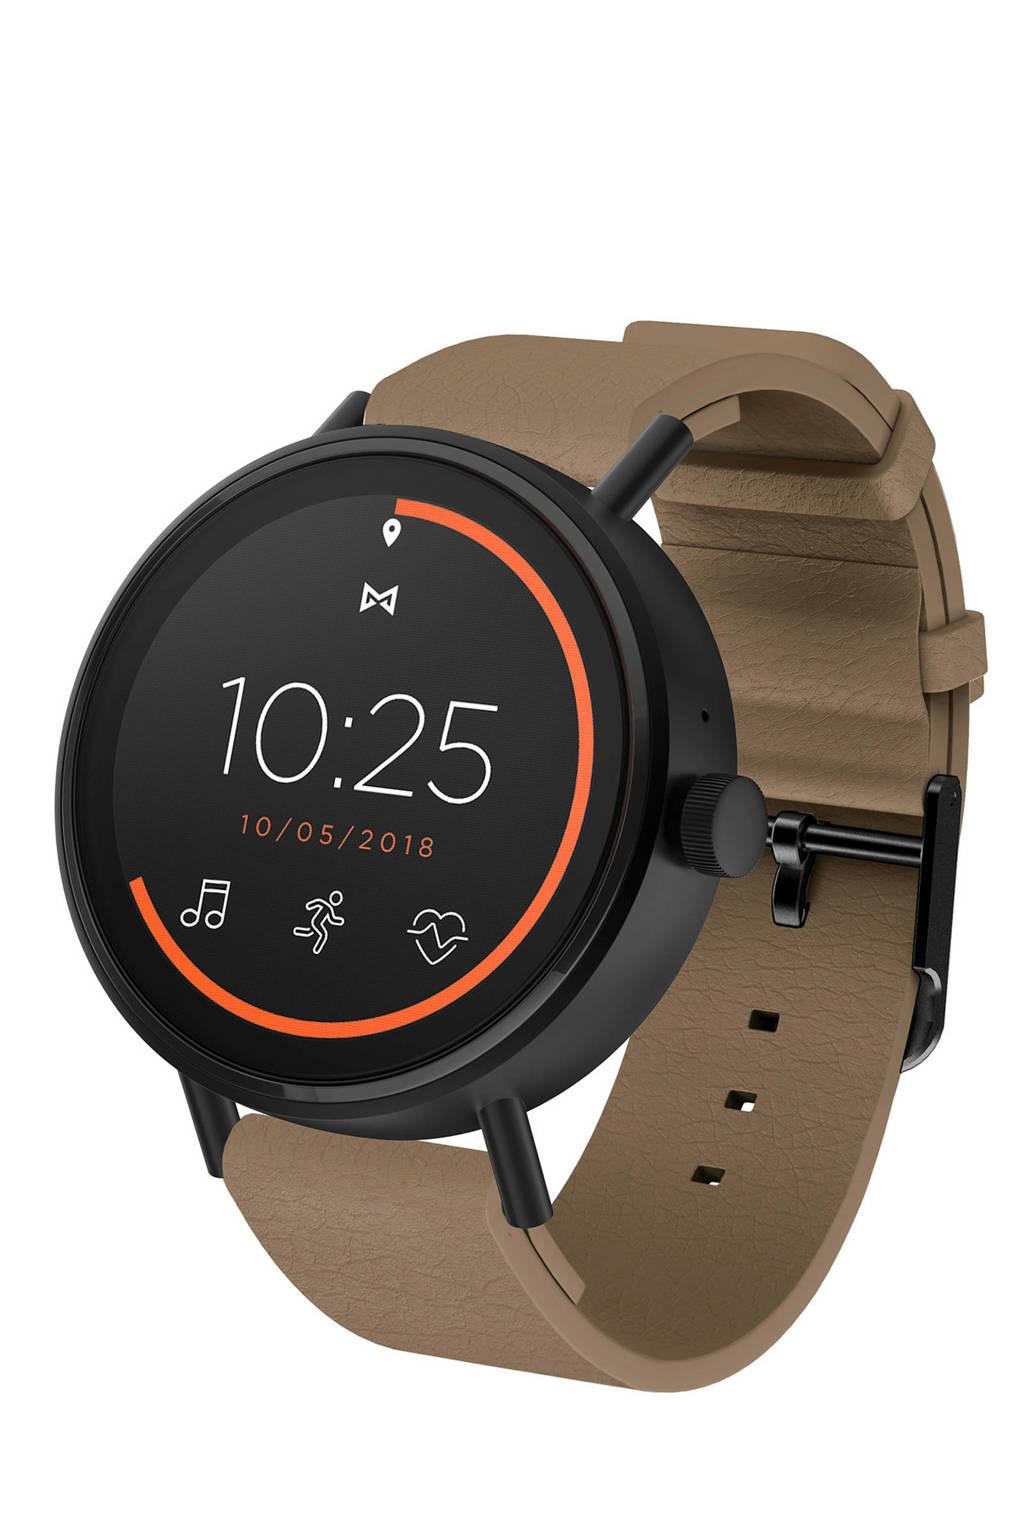 Misfit display smartwatch Gen 4 Vapor 2 MIS7203, Zwart